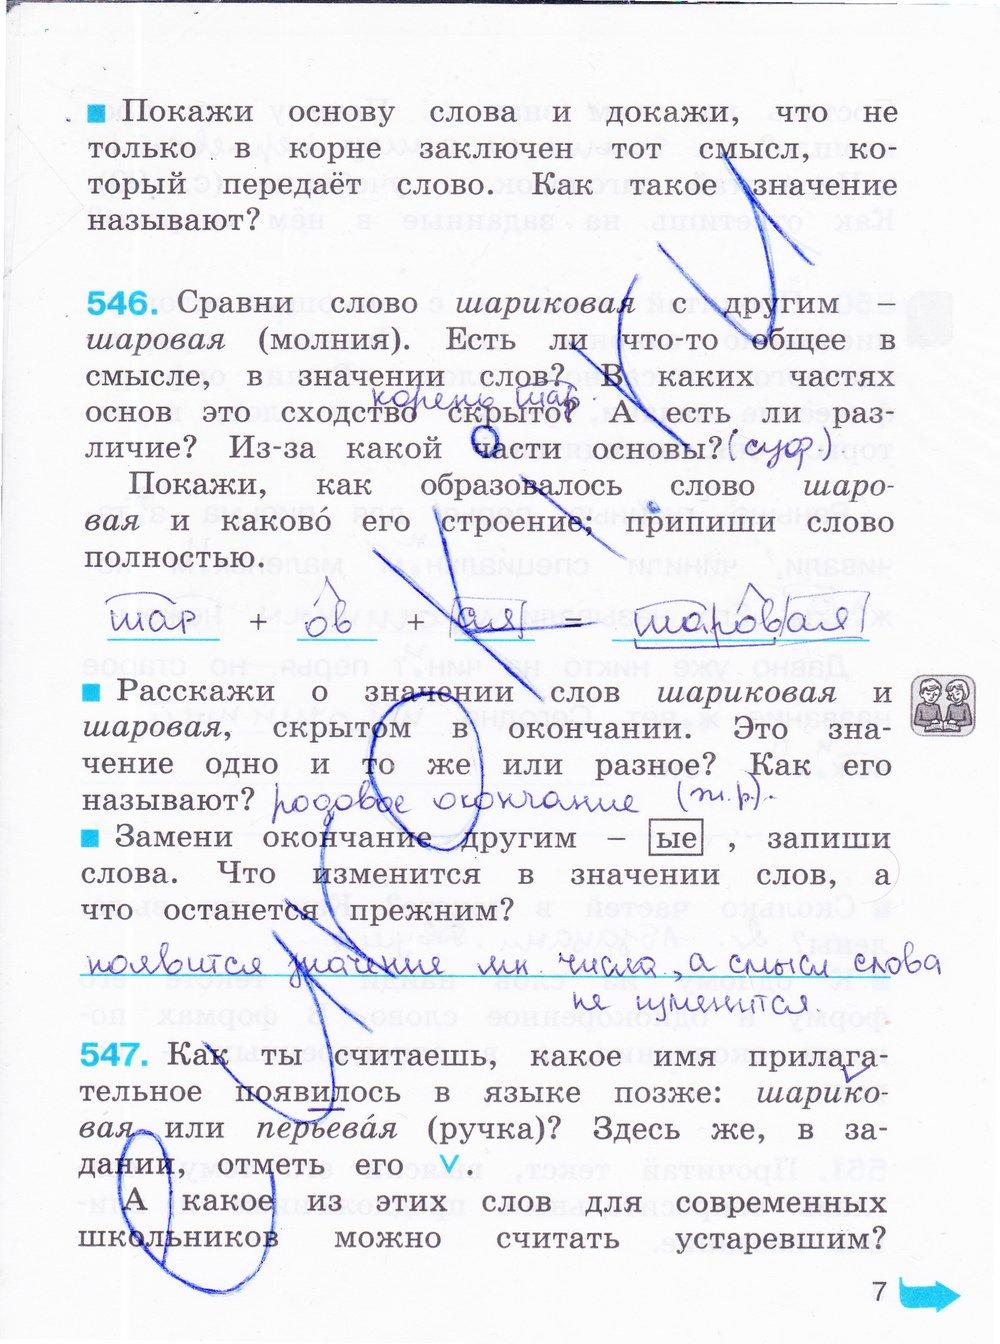 решебник по 4 класс 2 часть русский и язык соловейчик